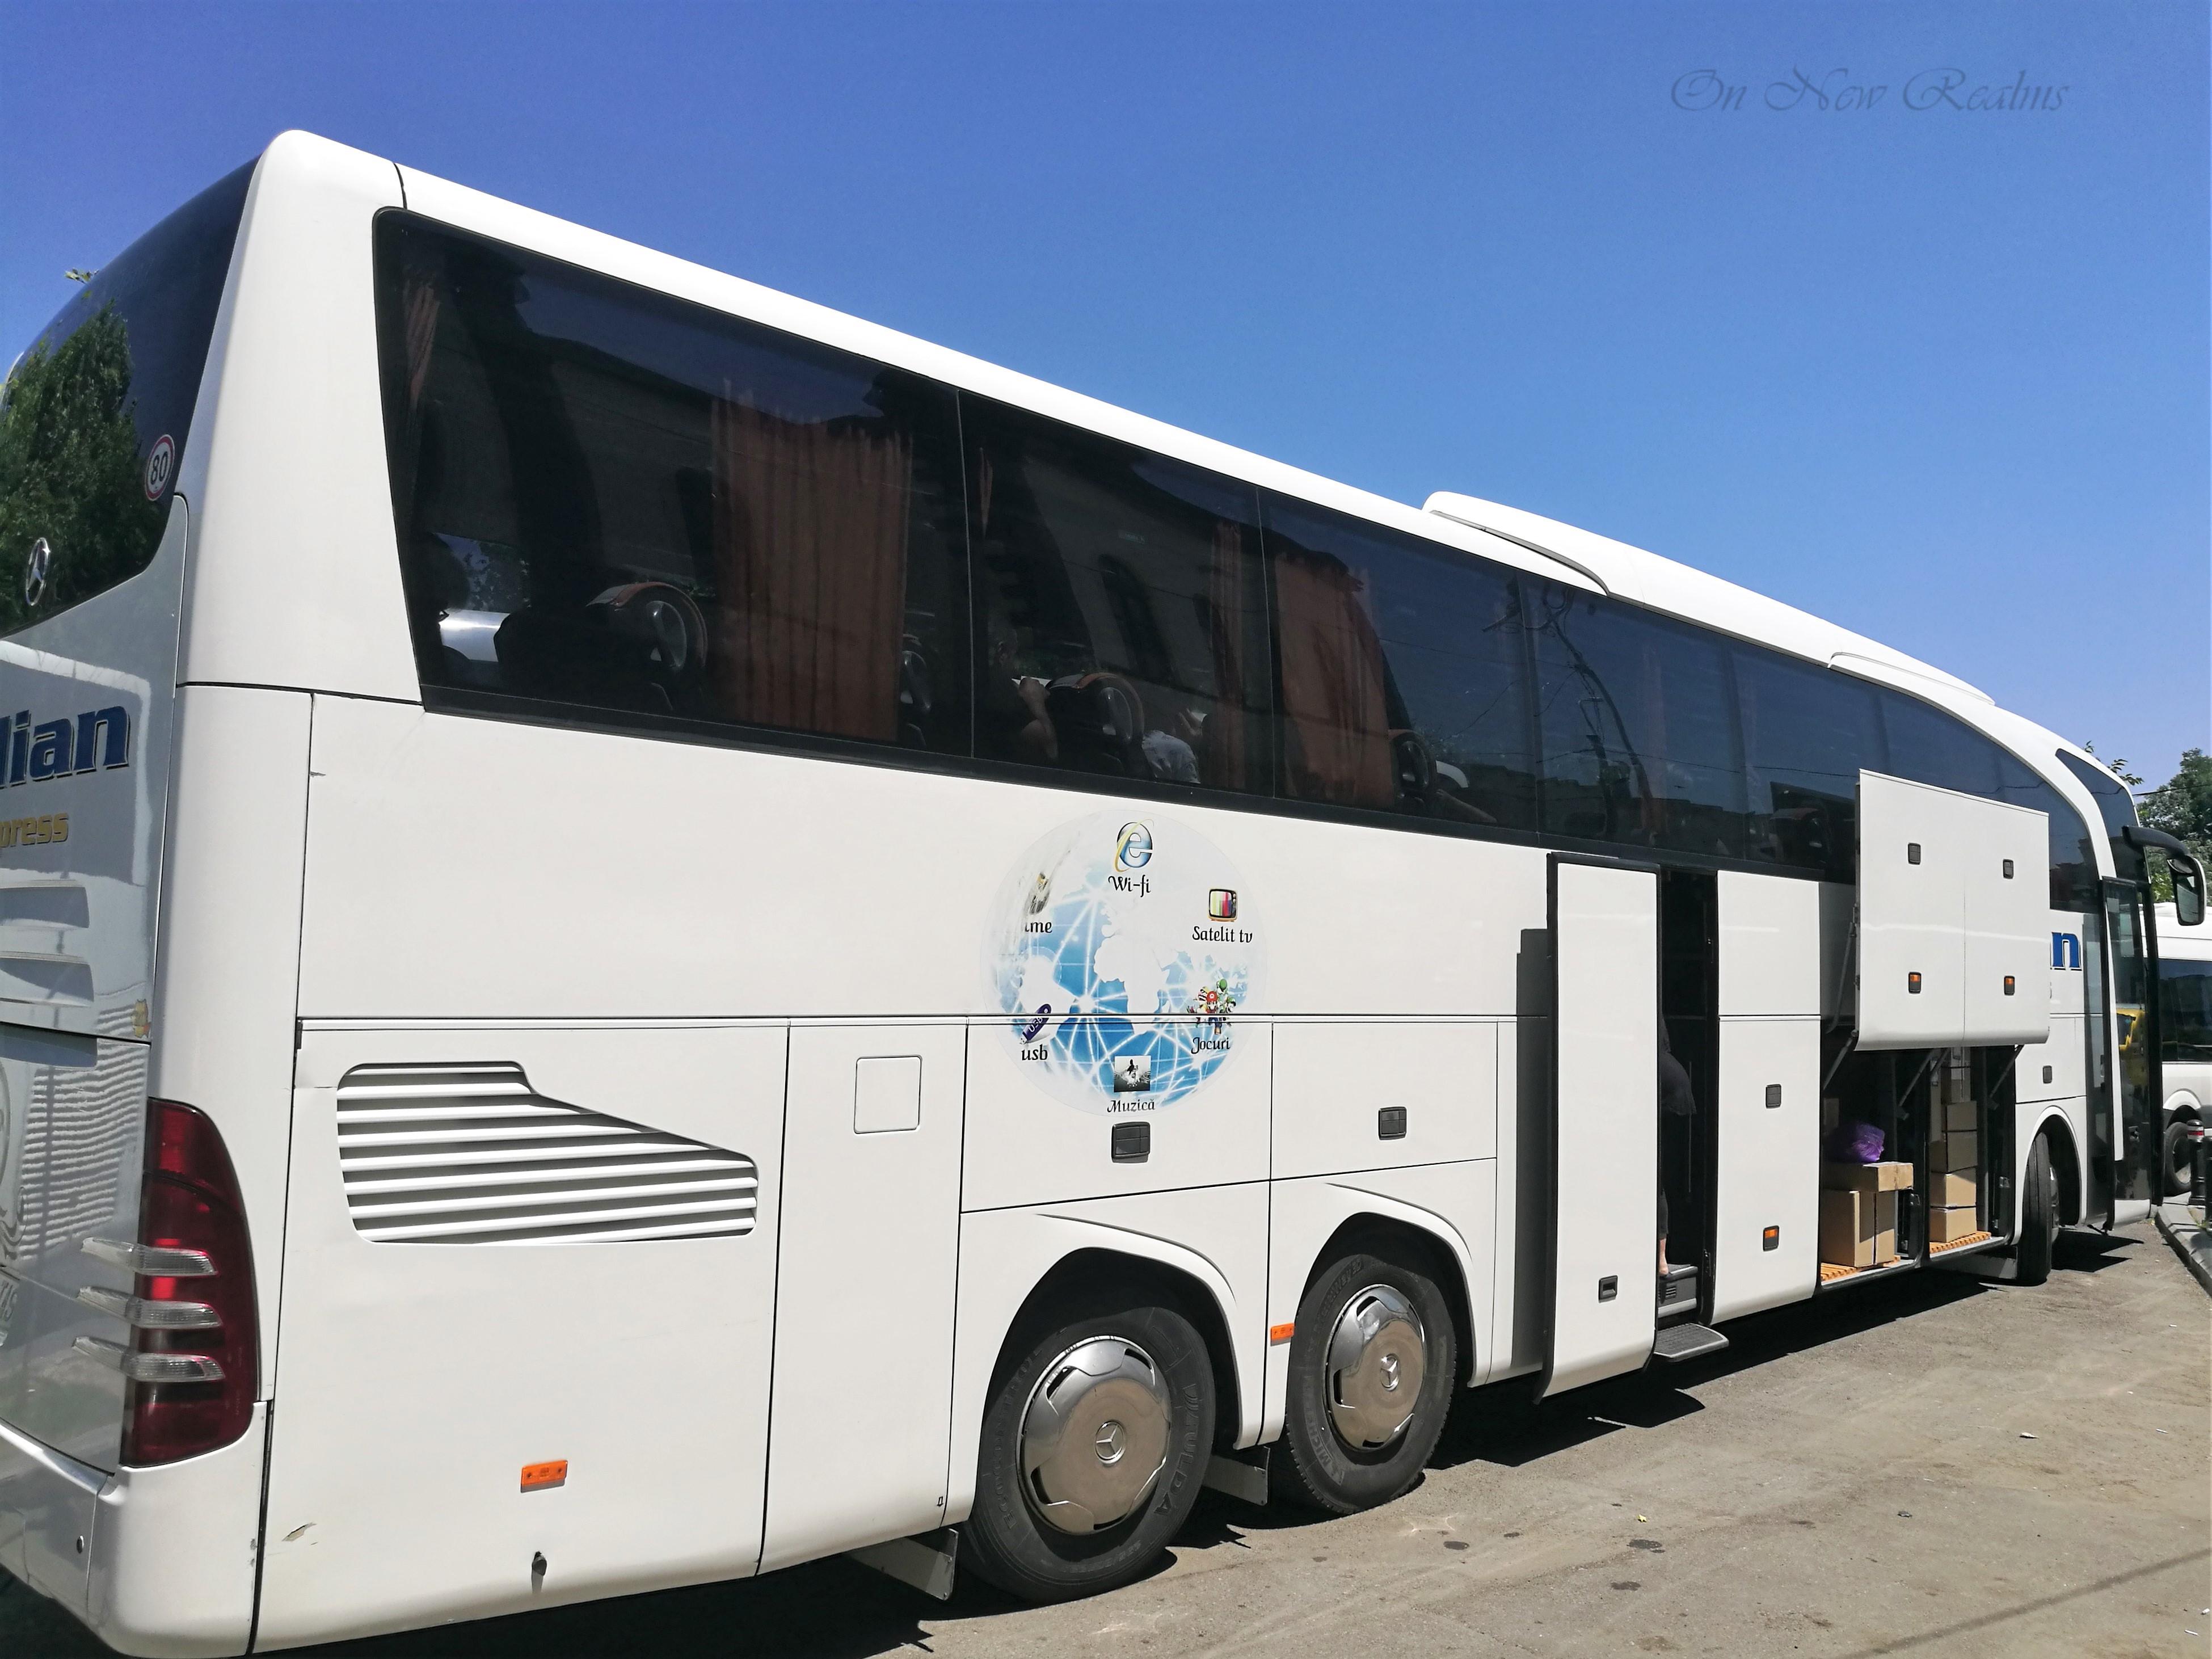 Lilian-Express-Bucharest-Athens